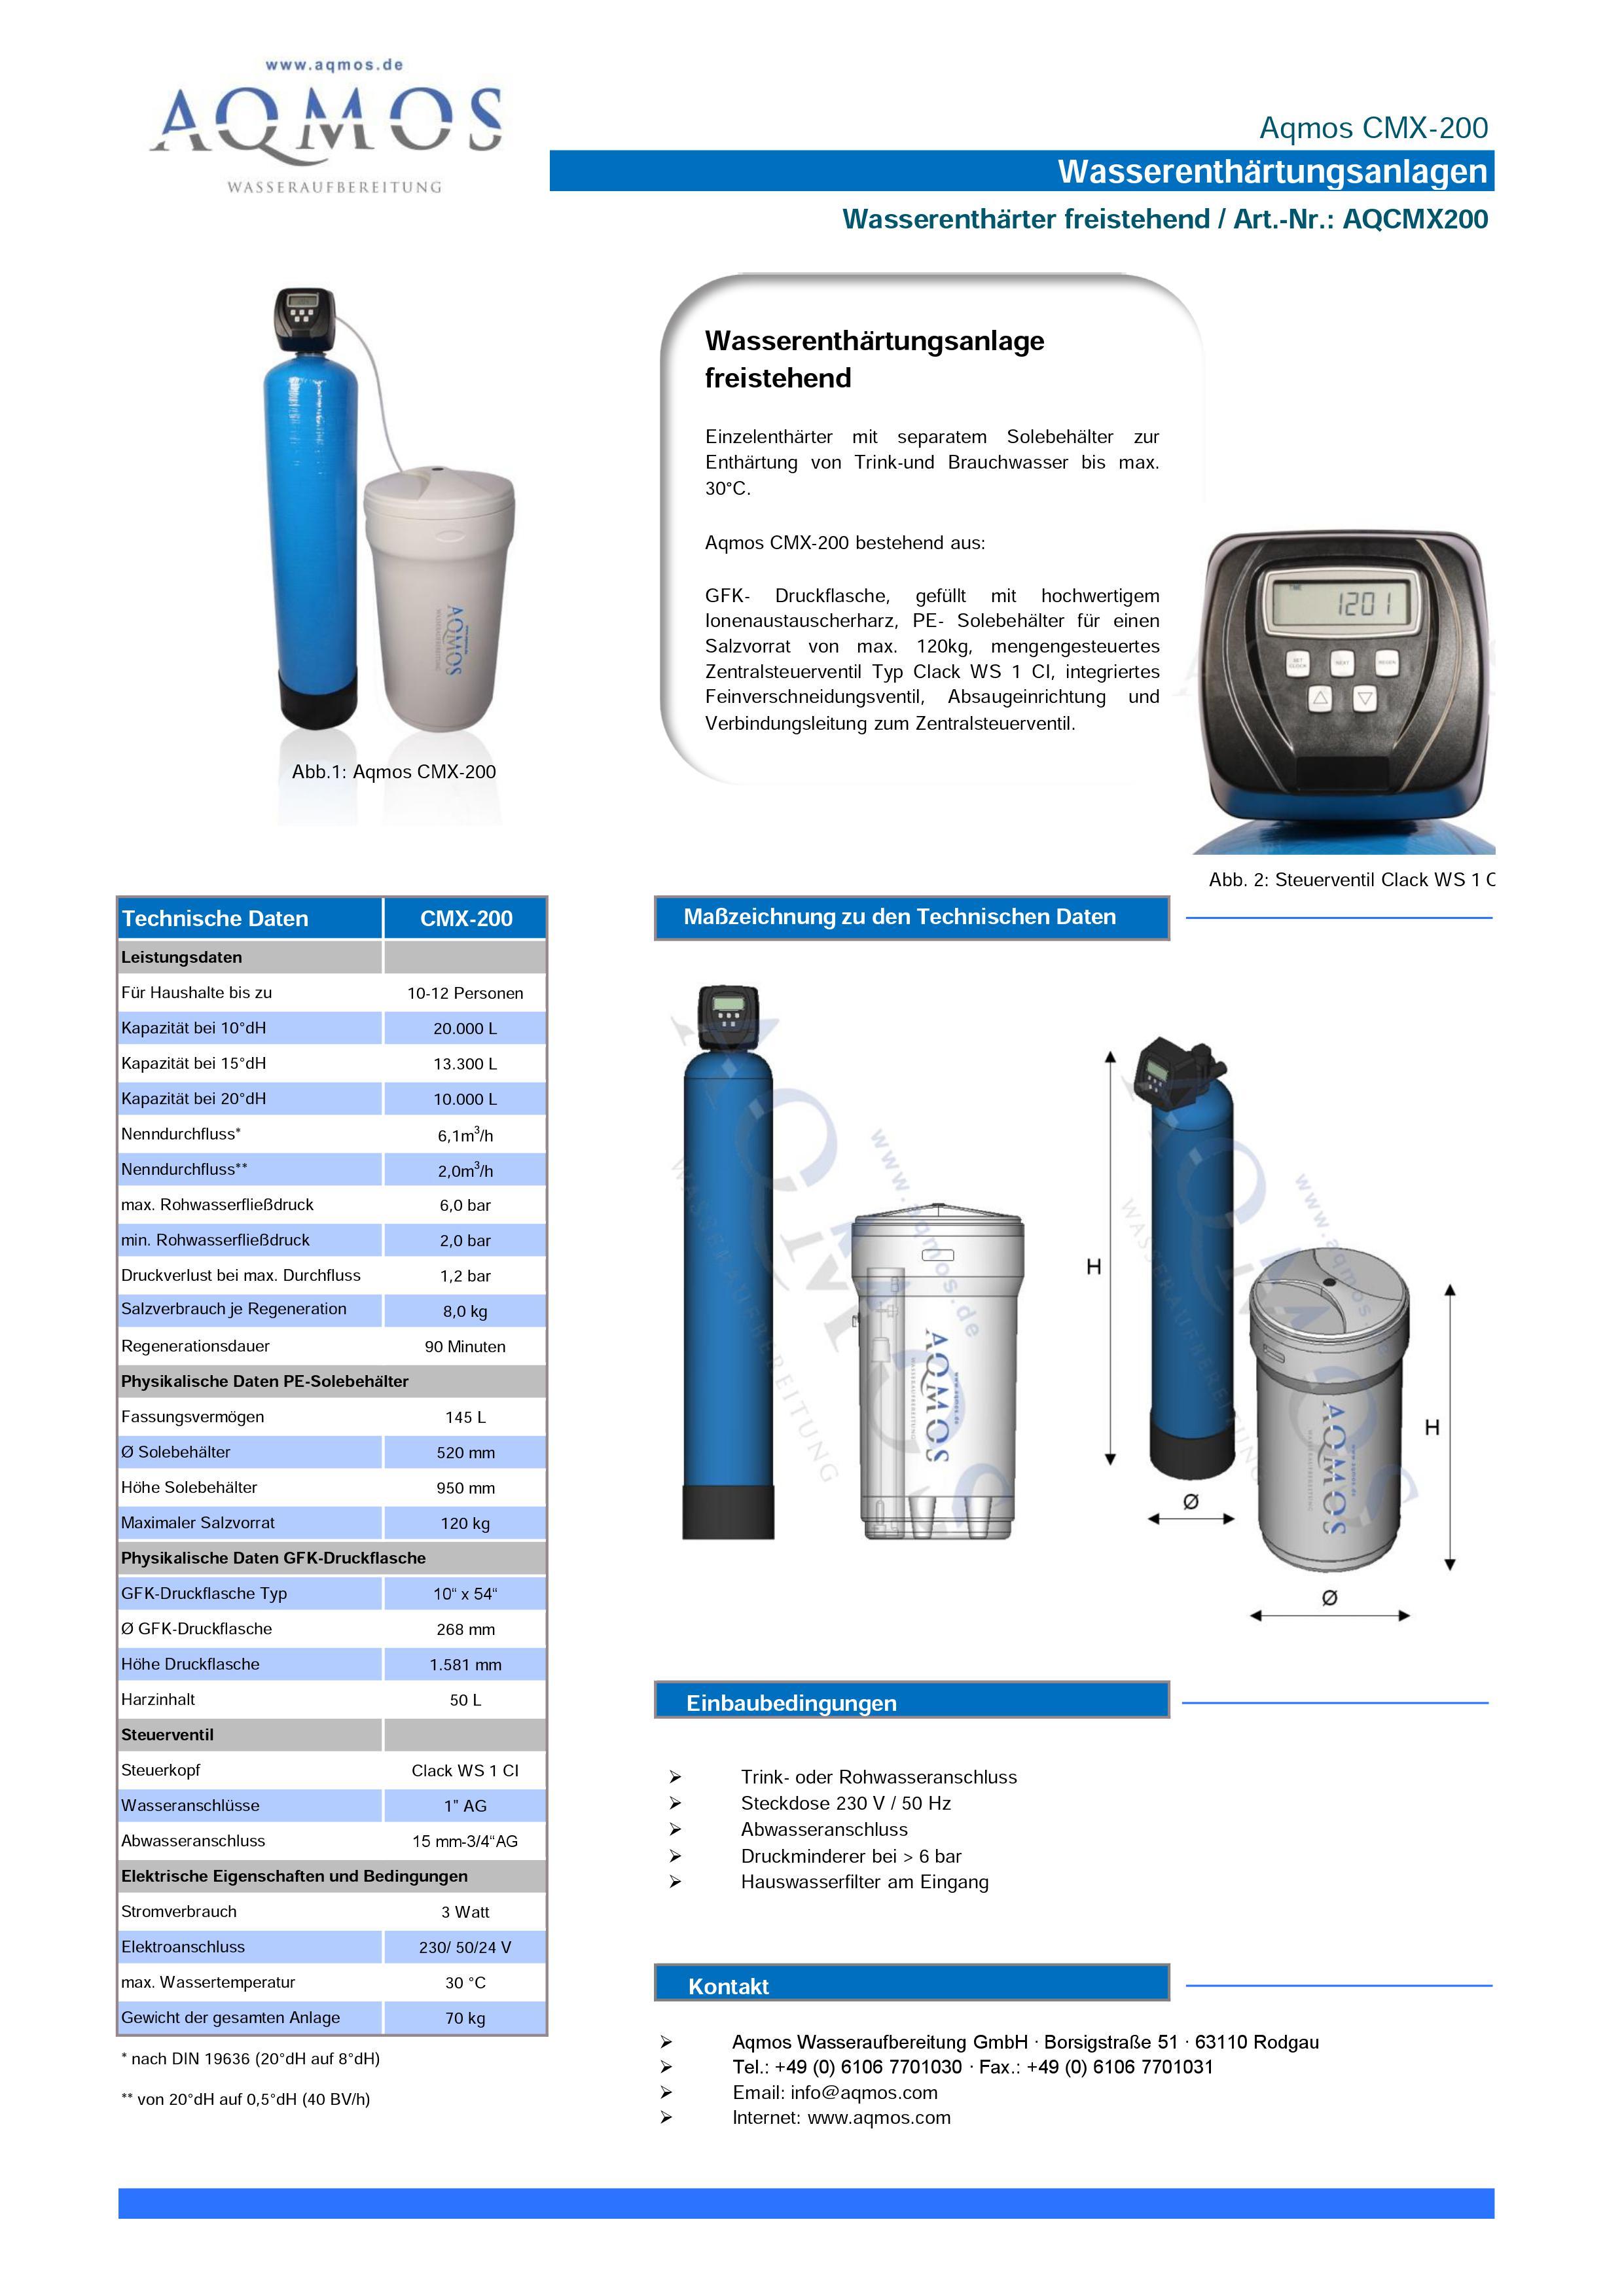 CMX-200-Datenblatt